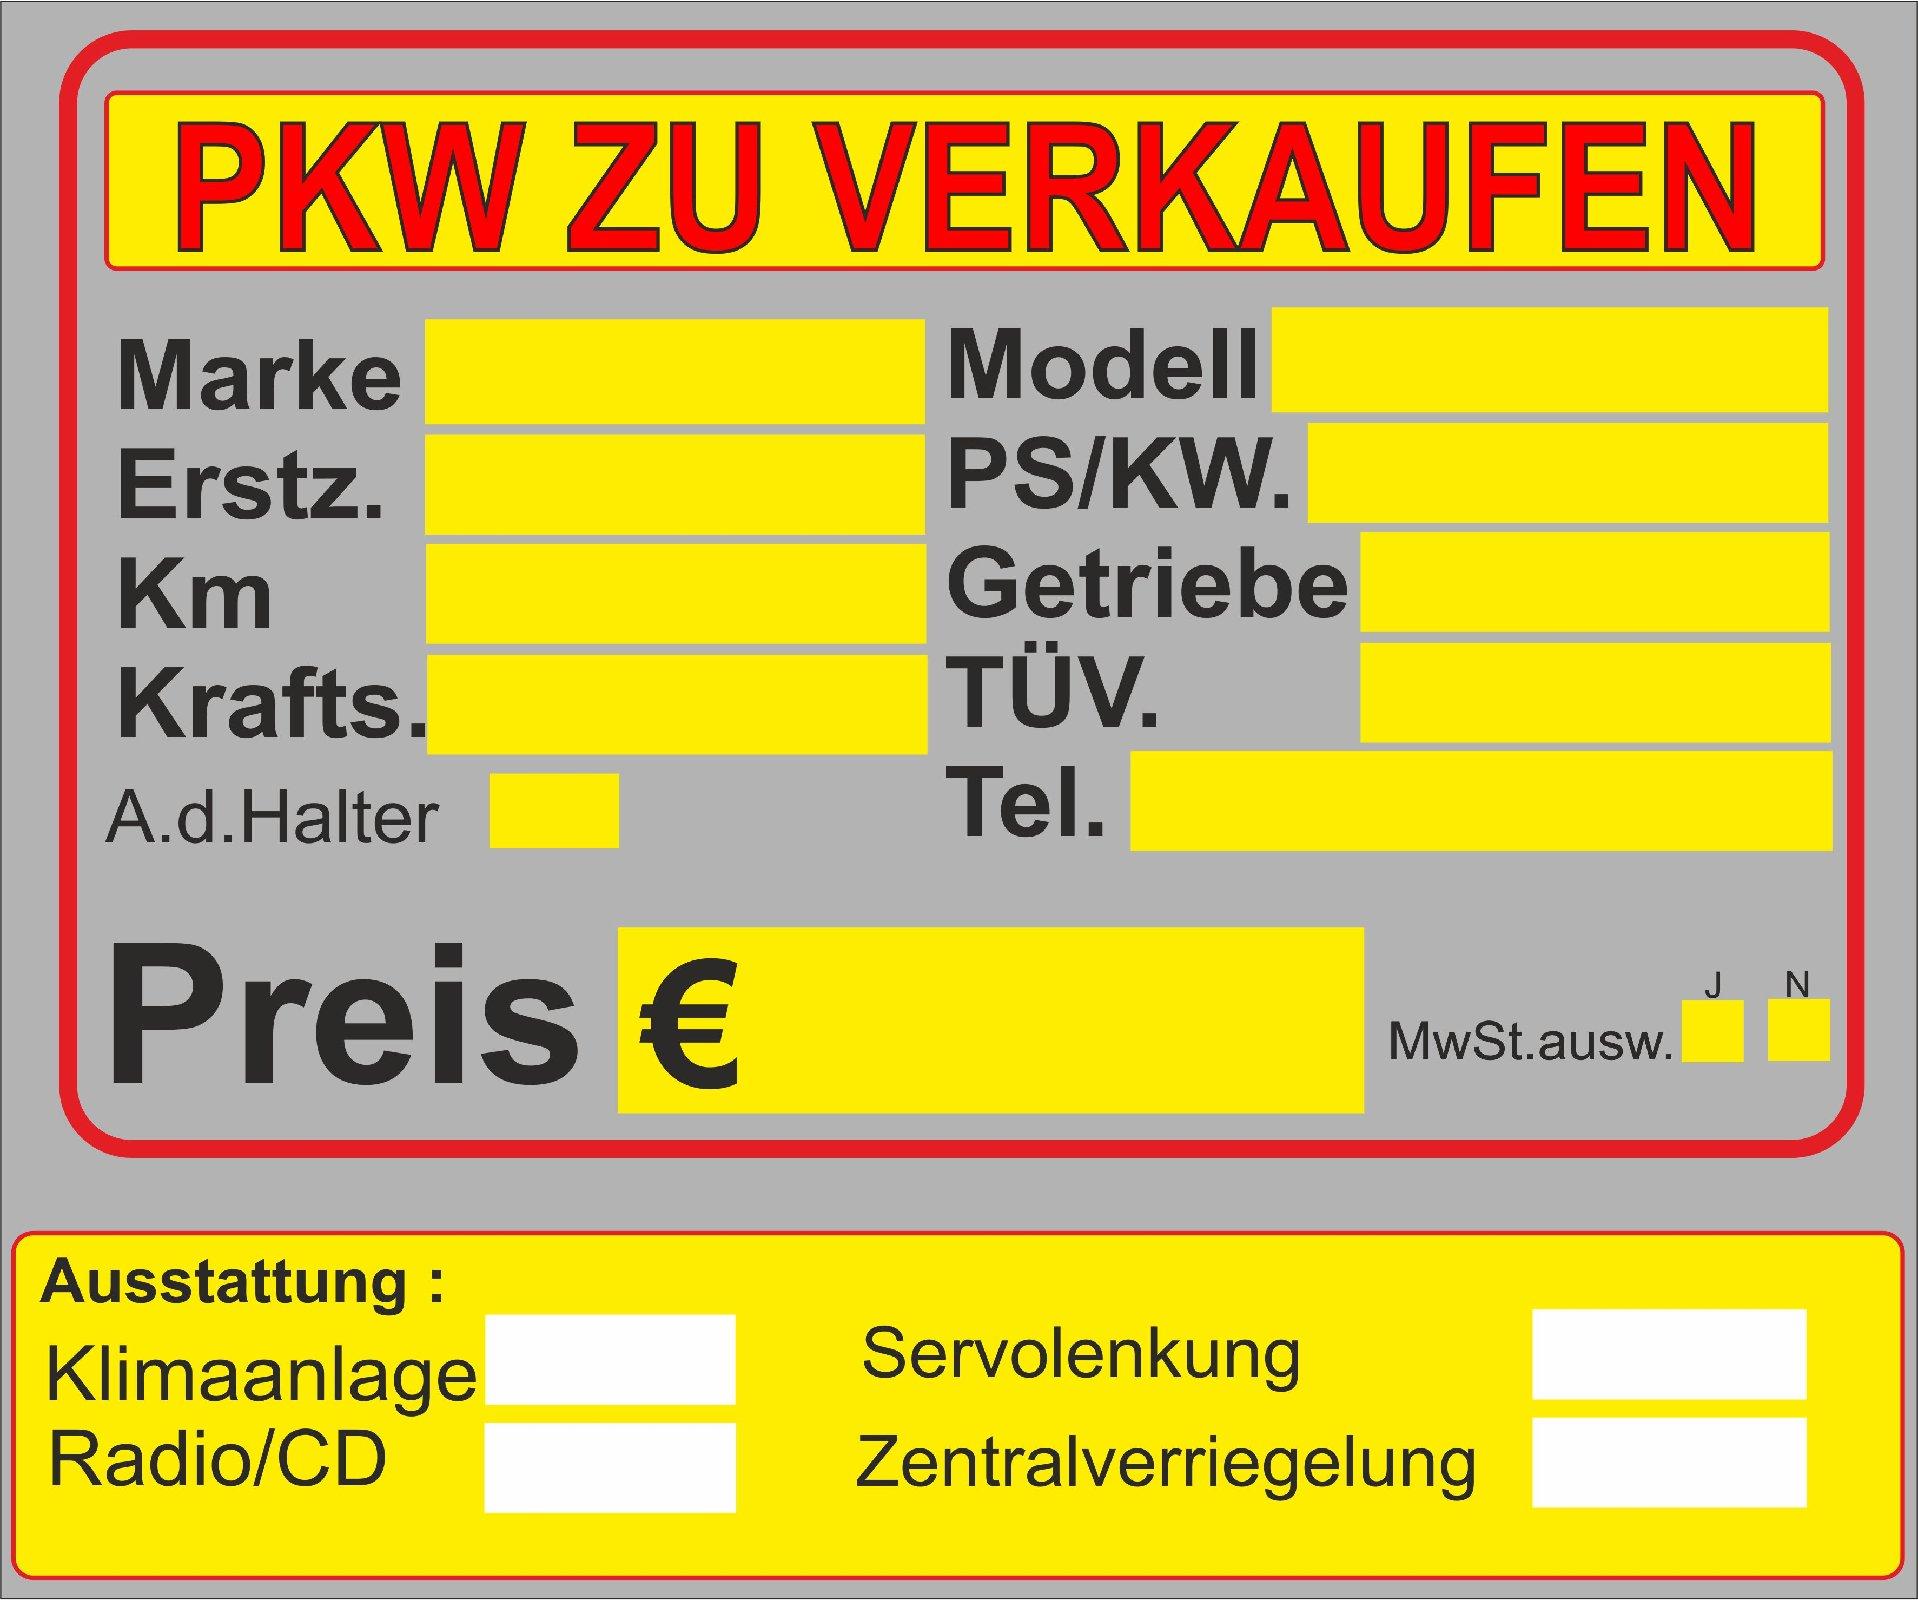 Großartig Zum Verkauf Auto Vorlage Fotos - Beispiel Business ...